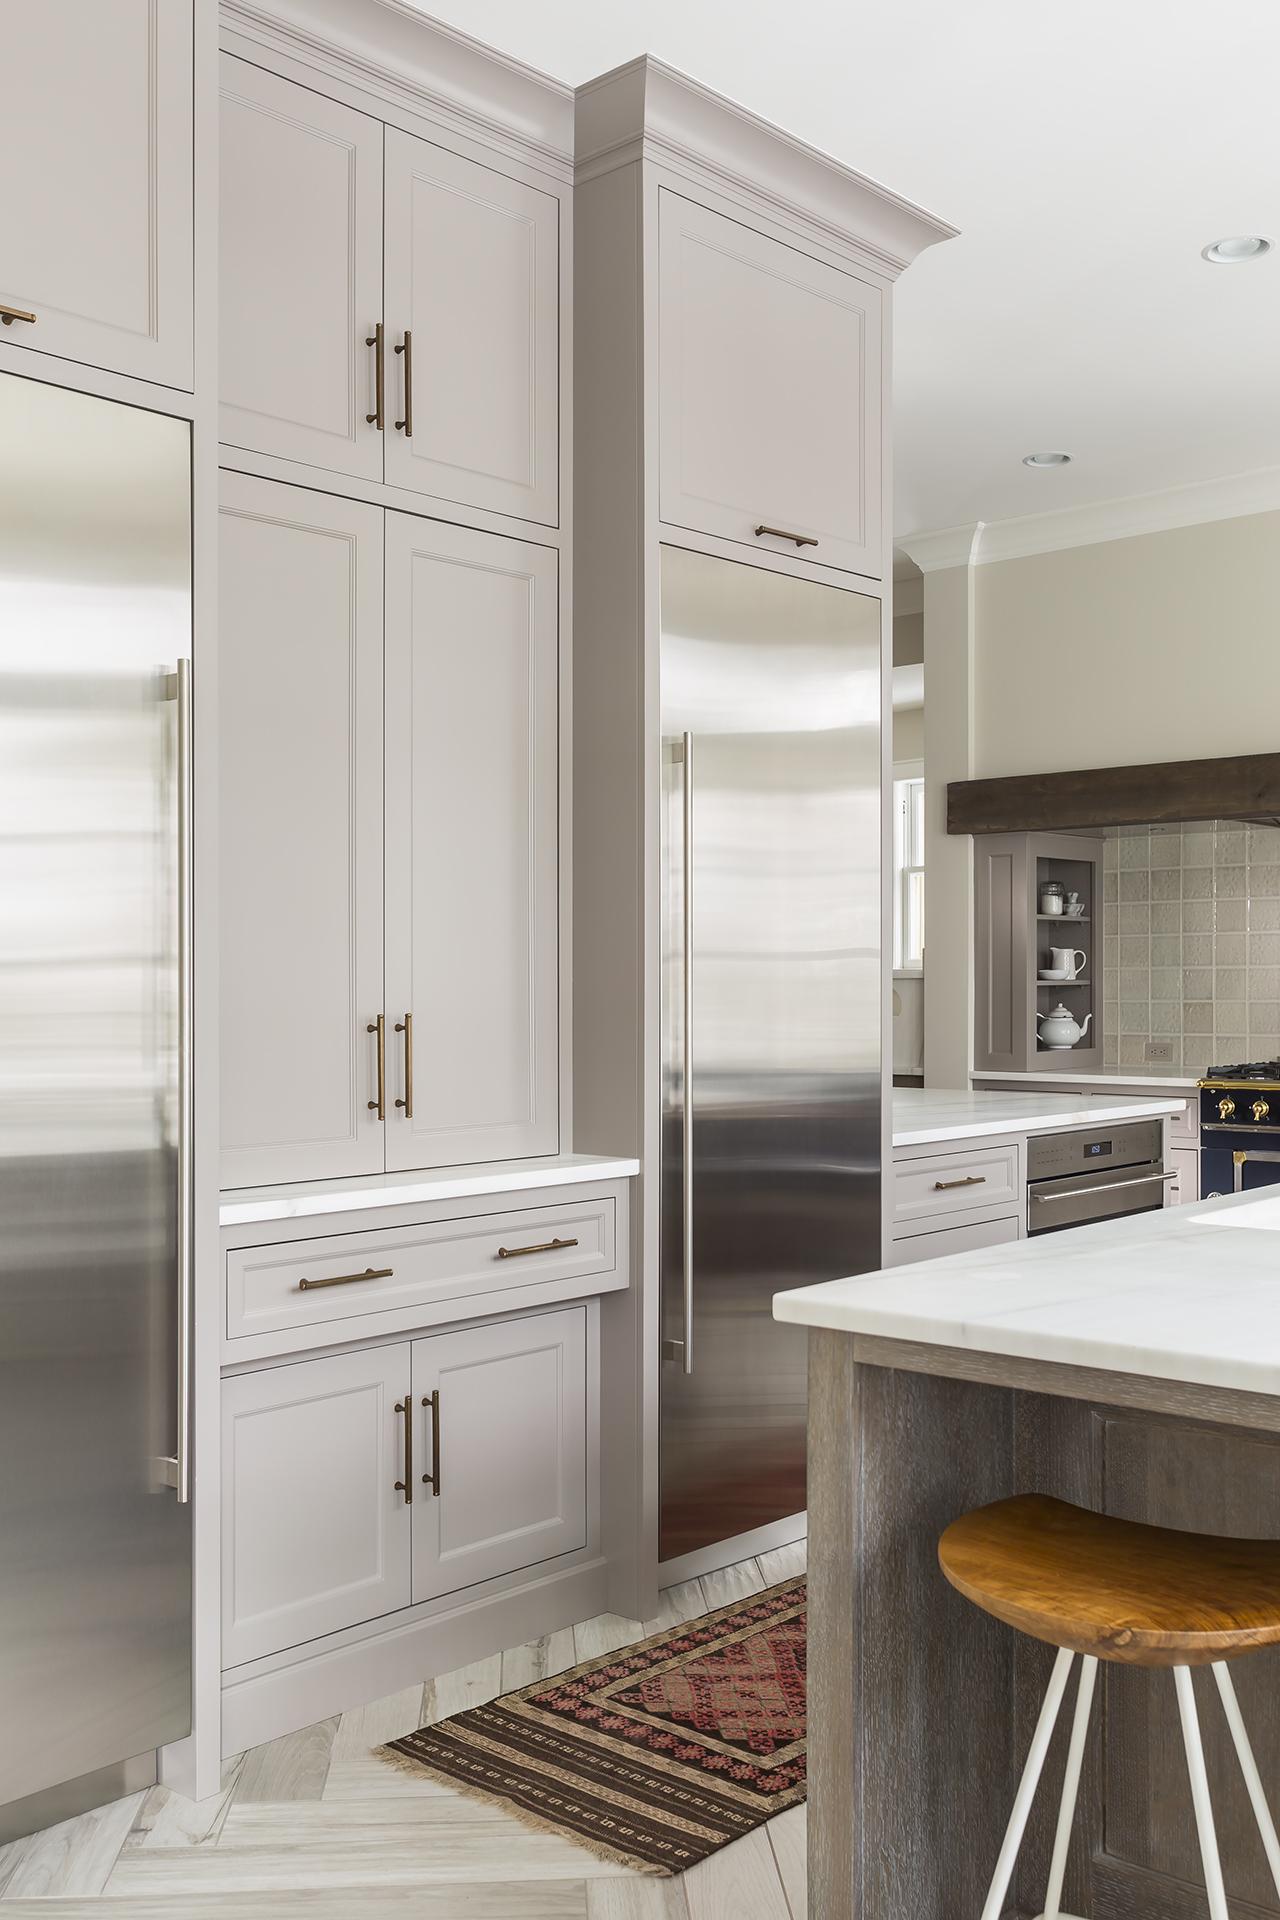 Kitchen_CabinetClosed_2016_01_20.jpg